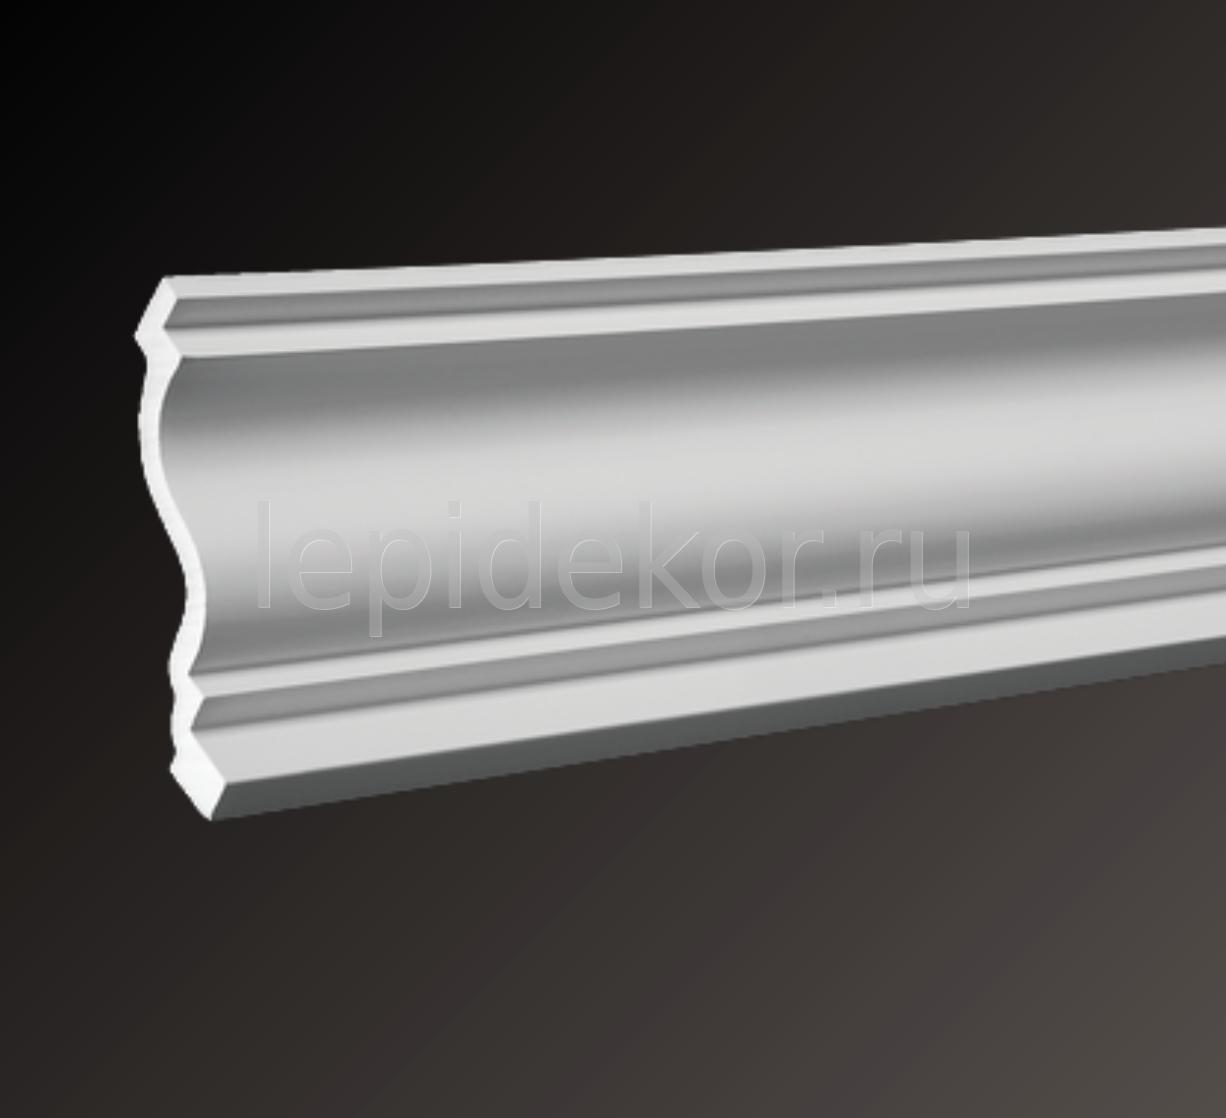 Плинтус потолочный полиуретановый цена россия гидроизоляция кровли труб